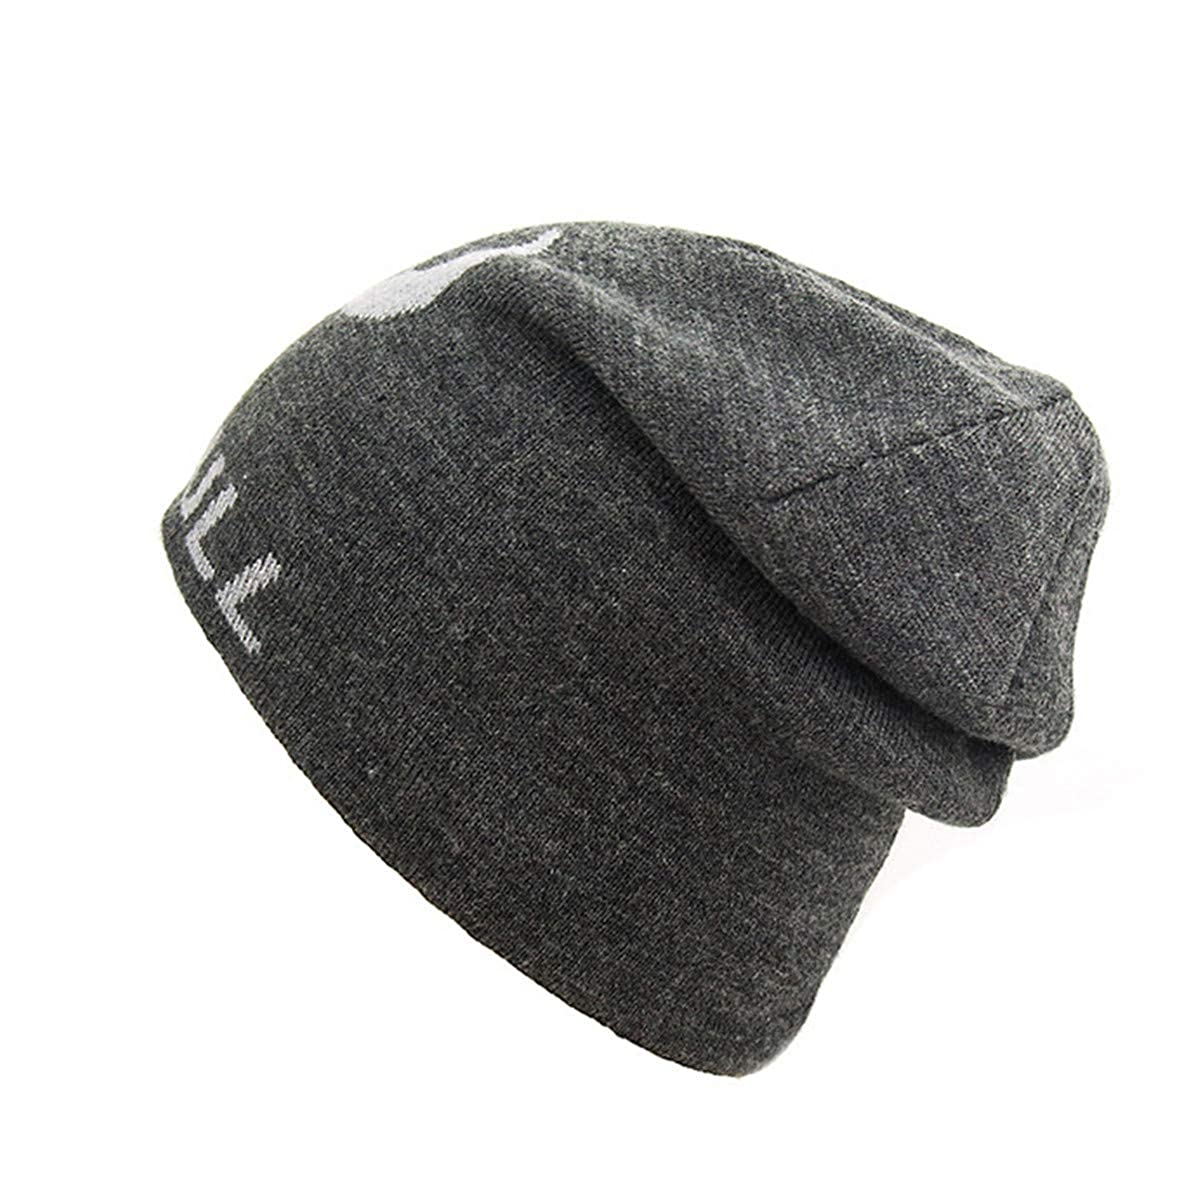 Feiboy Lavable Grueso Crochet de Hats Invierno Al Aire Libre Hombres Gorros  De Punto Cómodo Acolchado Sombrero Tejido Suave Cálido Hat Clásico Plegable  ... e2e40606cff